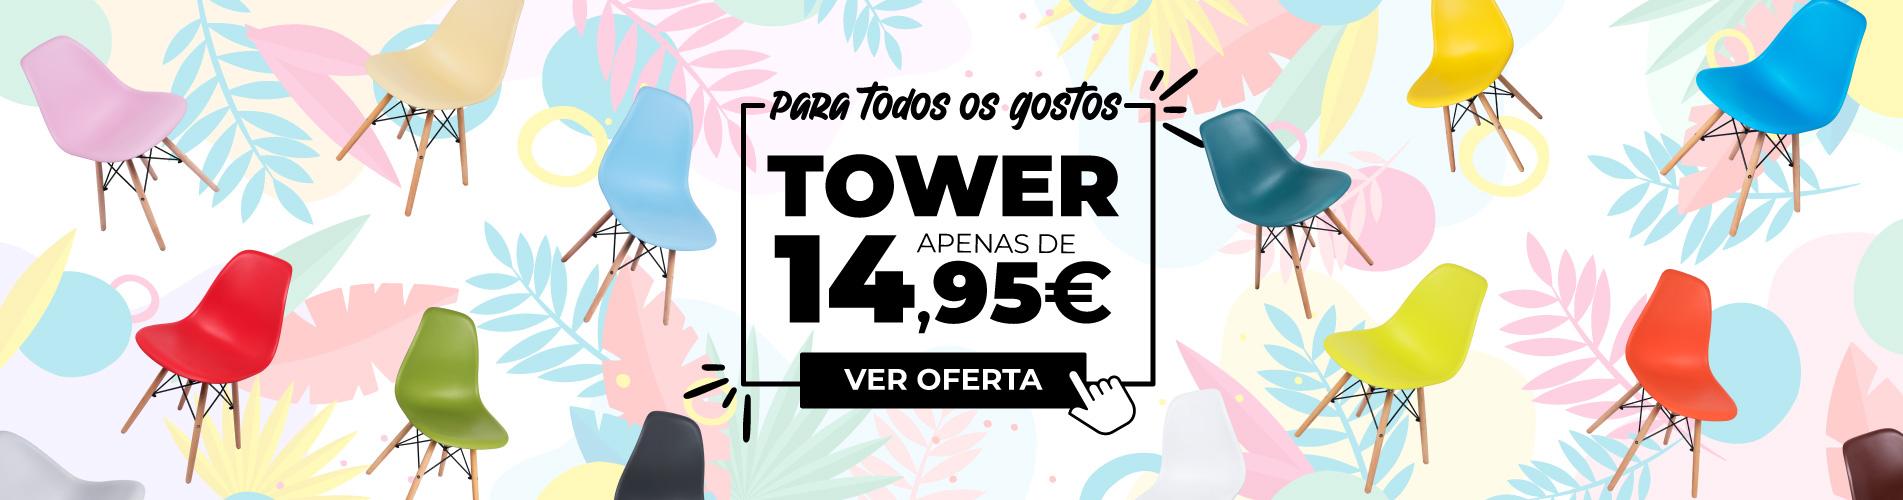 As Mundo Tower estão aqui: ofertas de verão refrescantes. Não o perca!